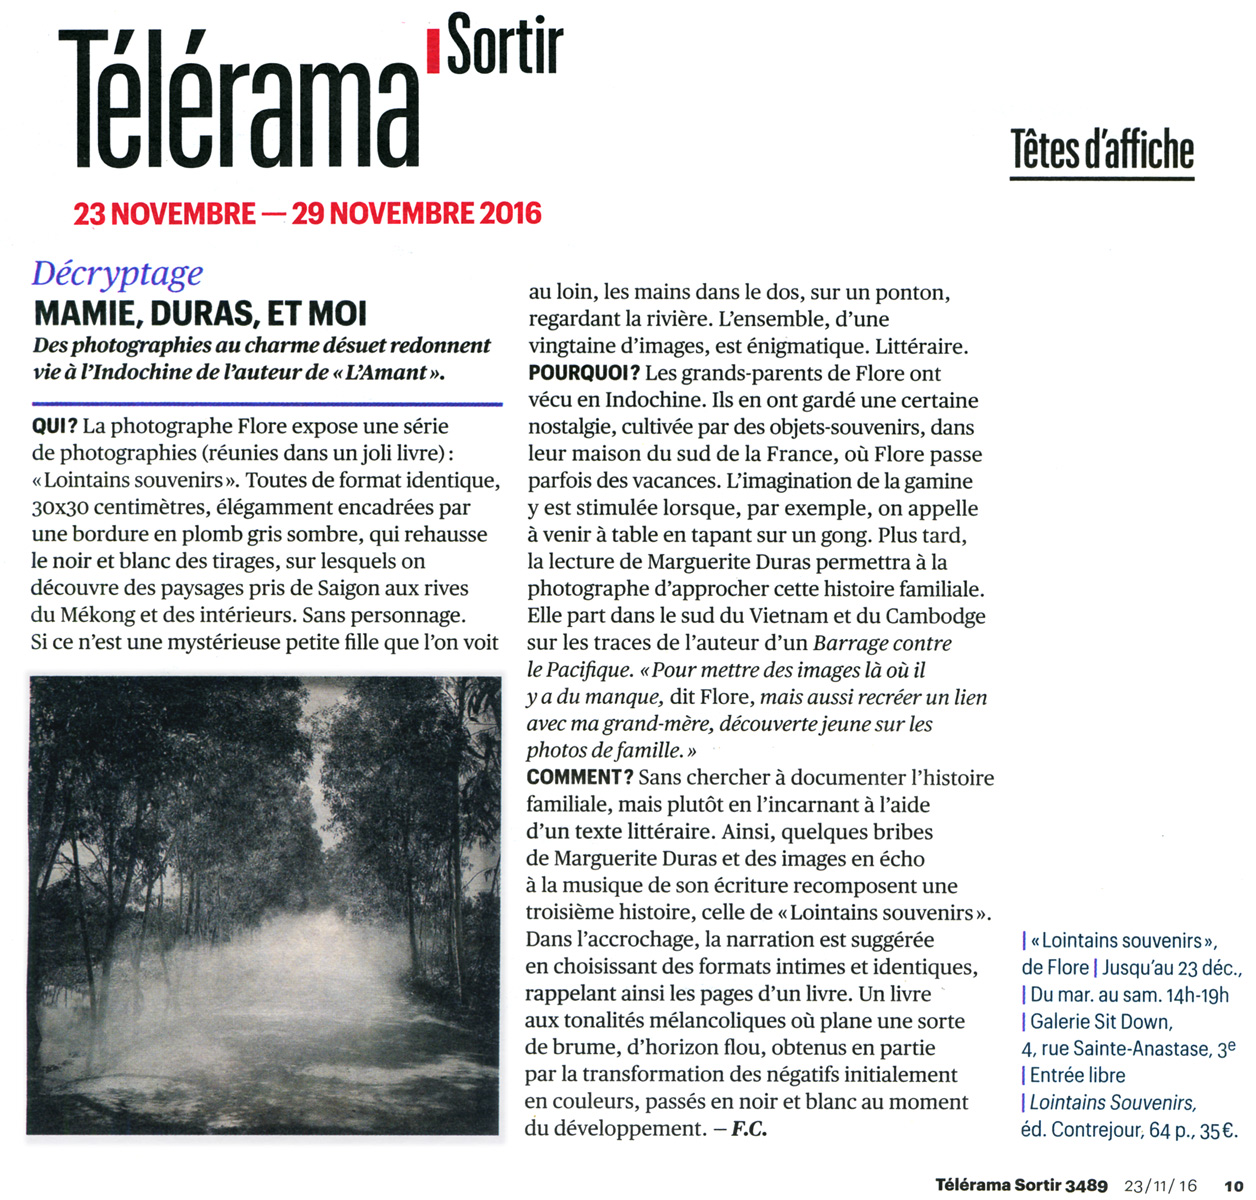 LS-telerama-sortir-2